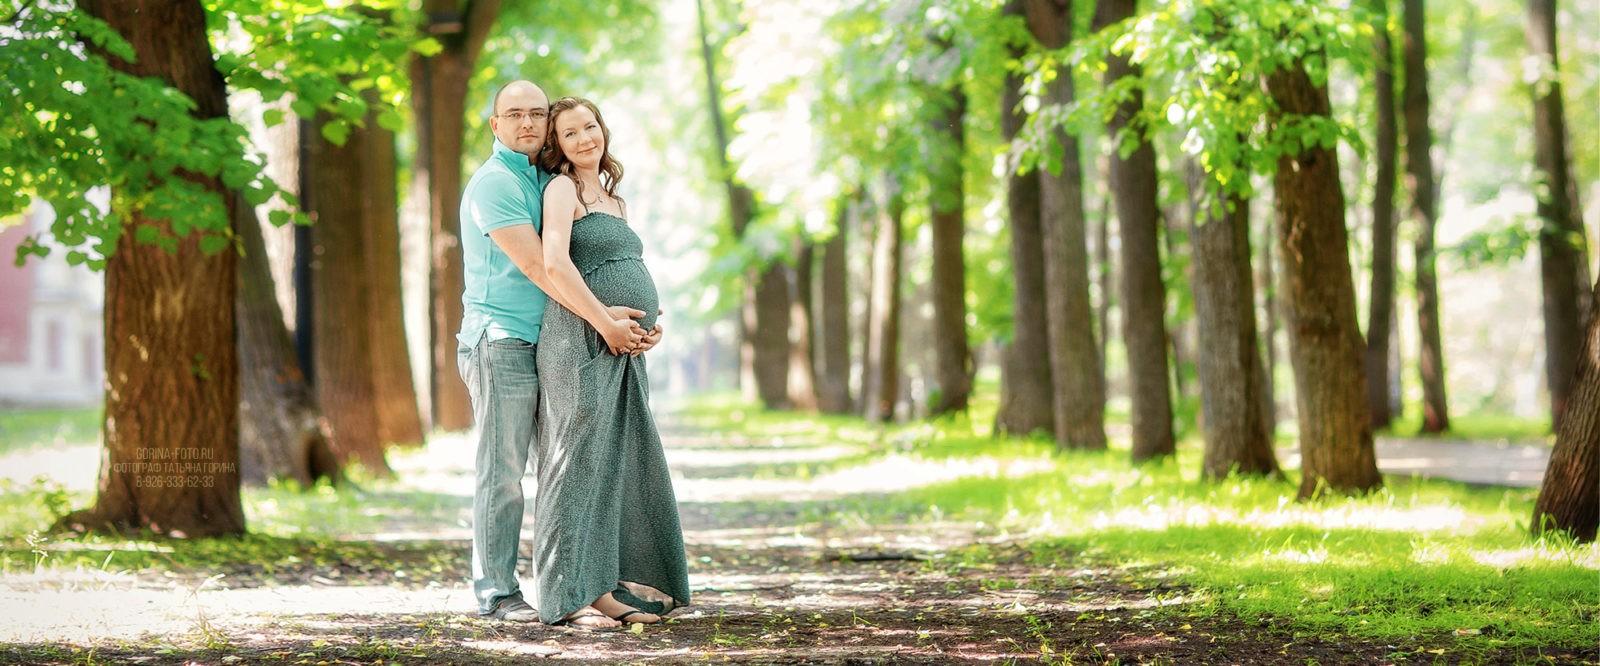 Фотосессия беременности. Фотограф Татьяна Горина.